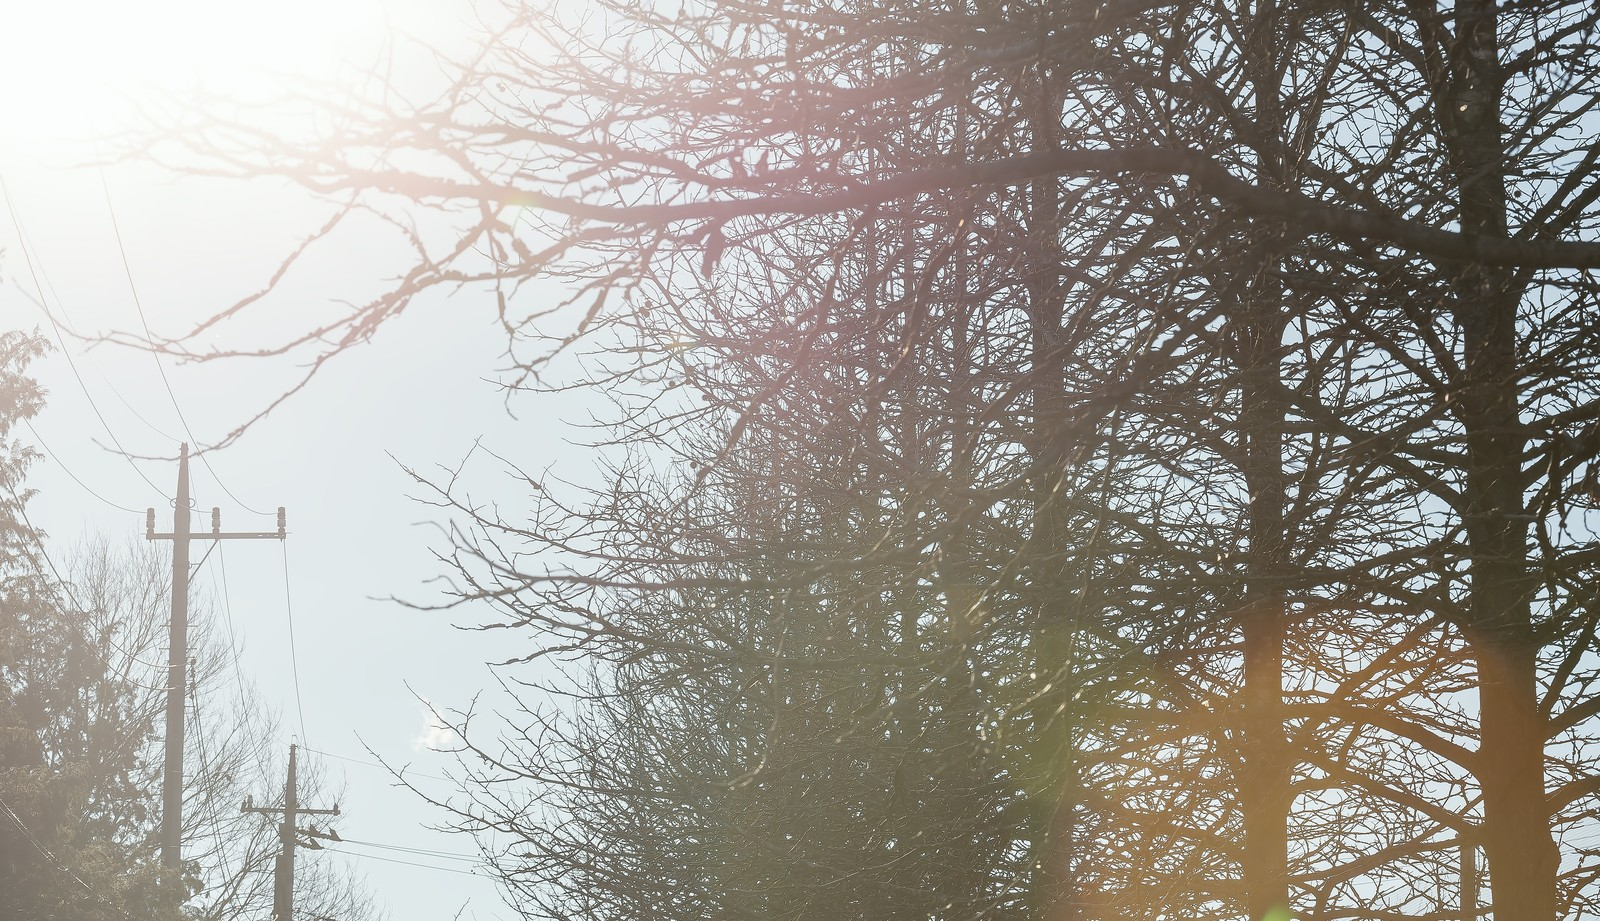 「枯れた並木枯れた並木」のフリー写真素材を拡大